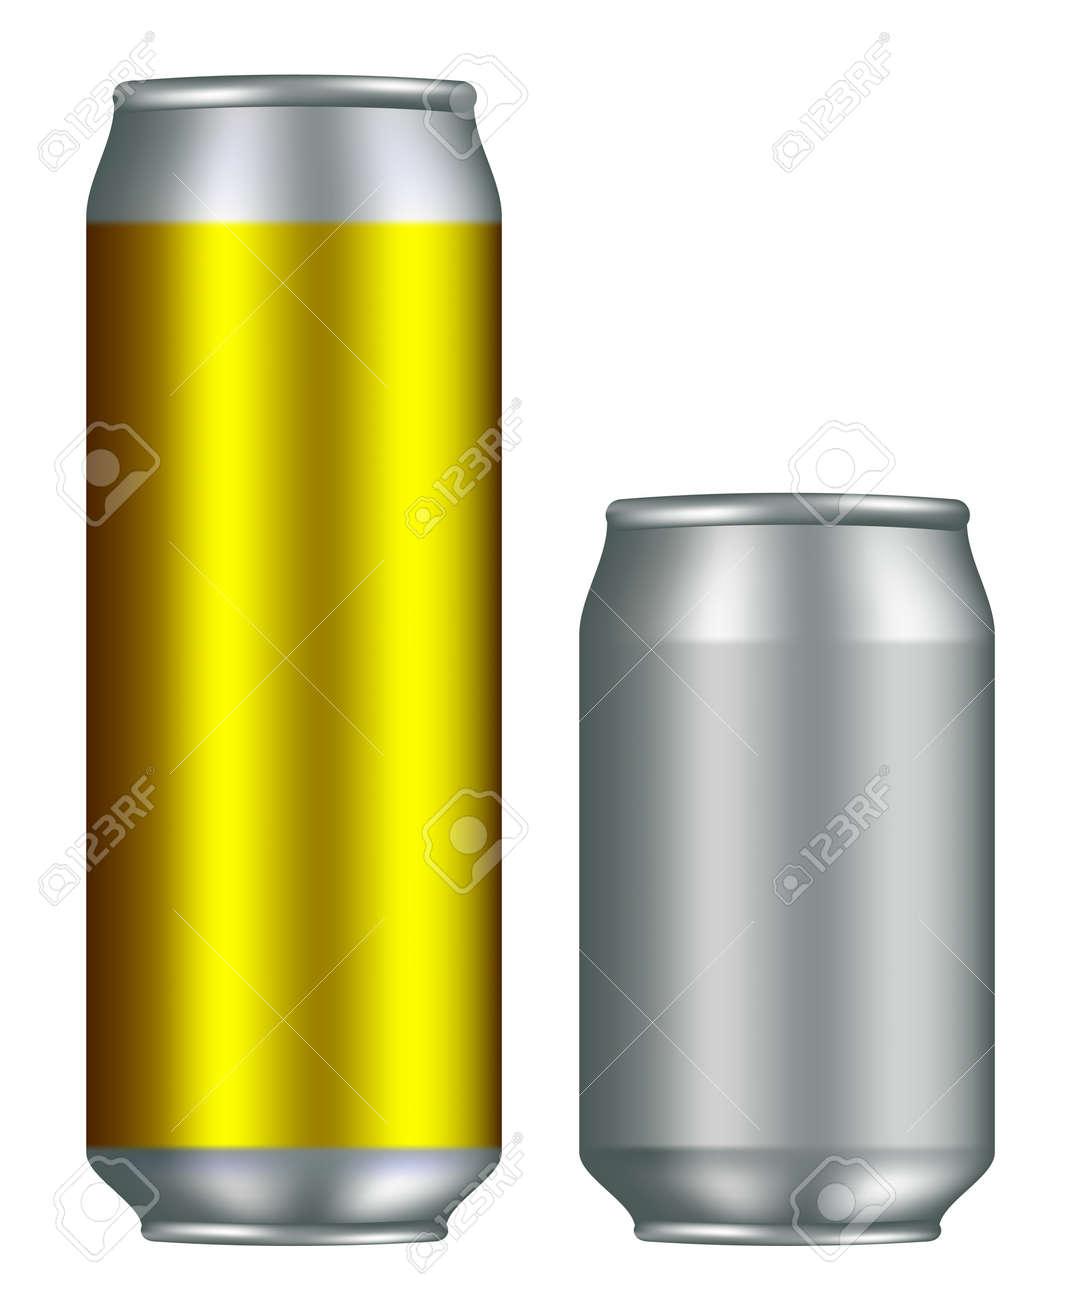 Realistische Kanister Für Kalte Getränke Lizenzfrei Nutzbare ...